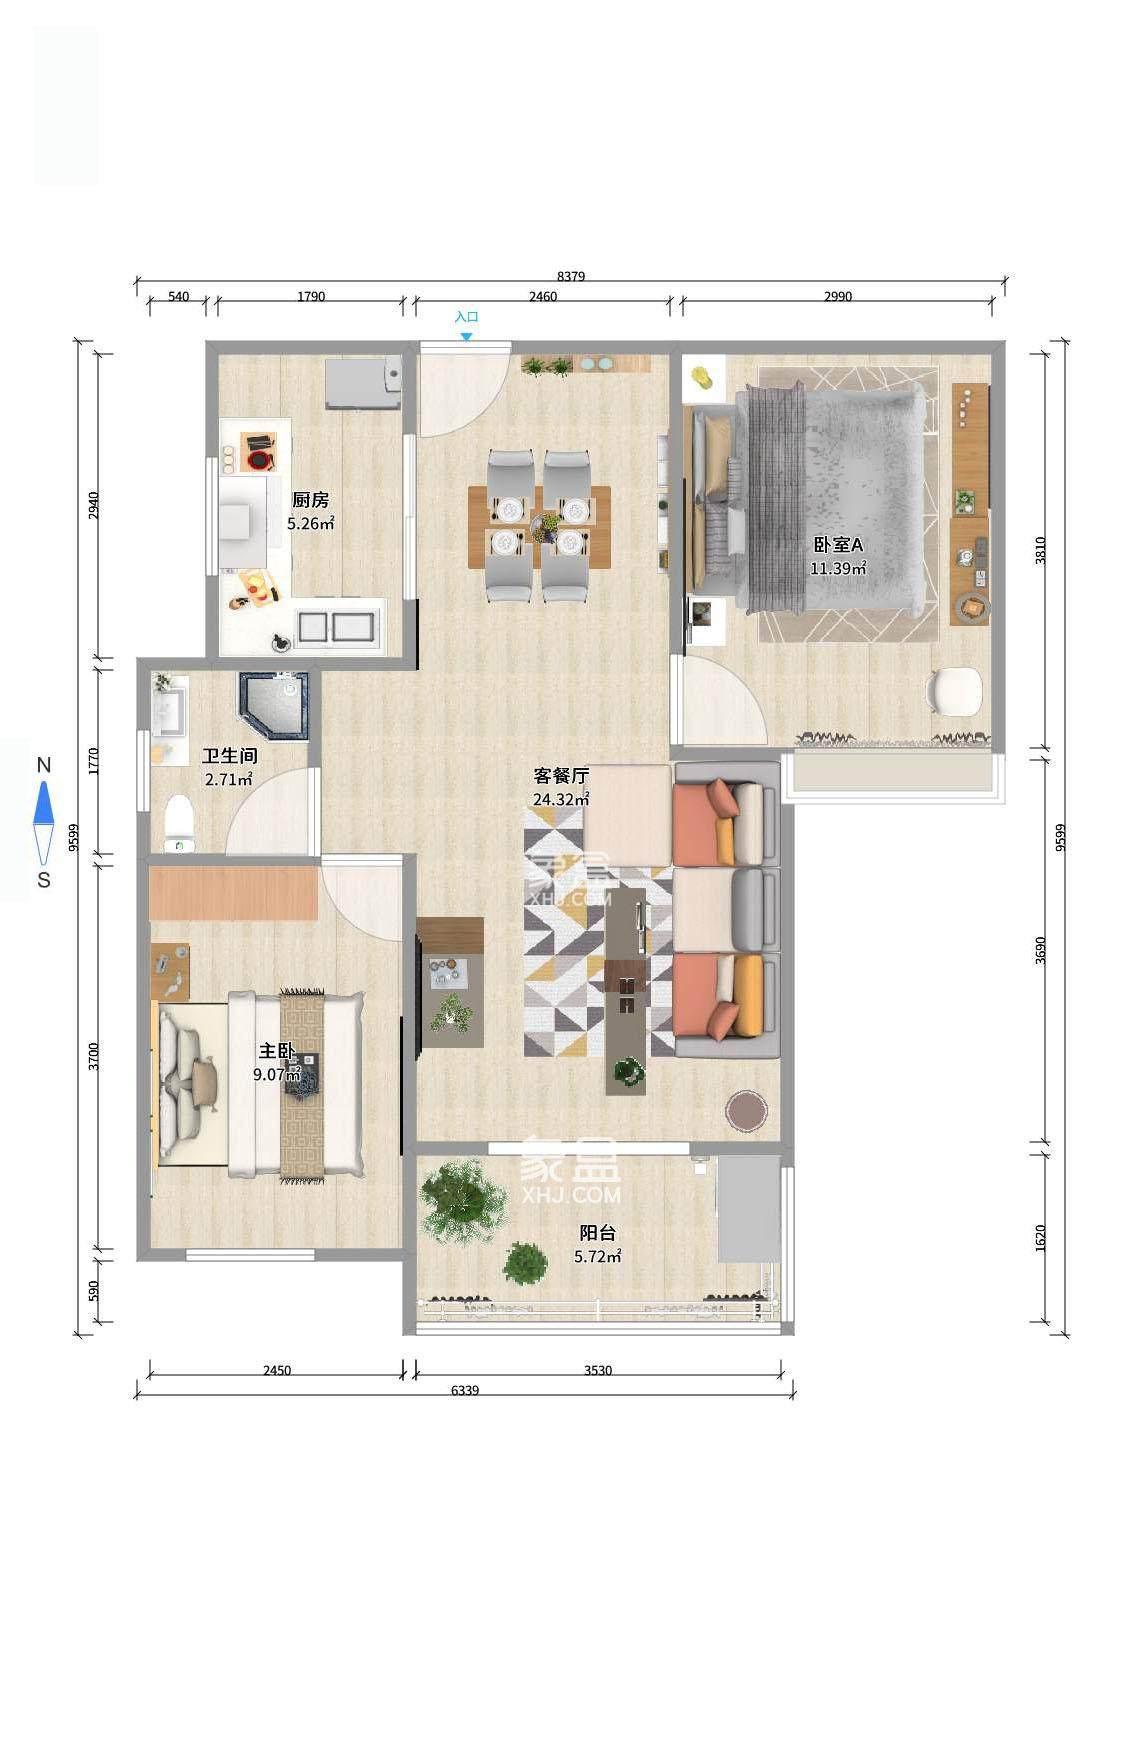 怡海星城 15楼 带地暖 怡雅中小学 不靠马路 居家装修